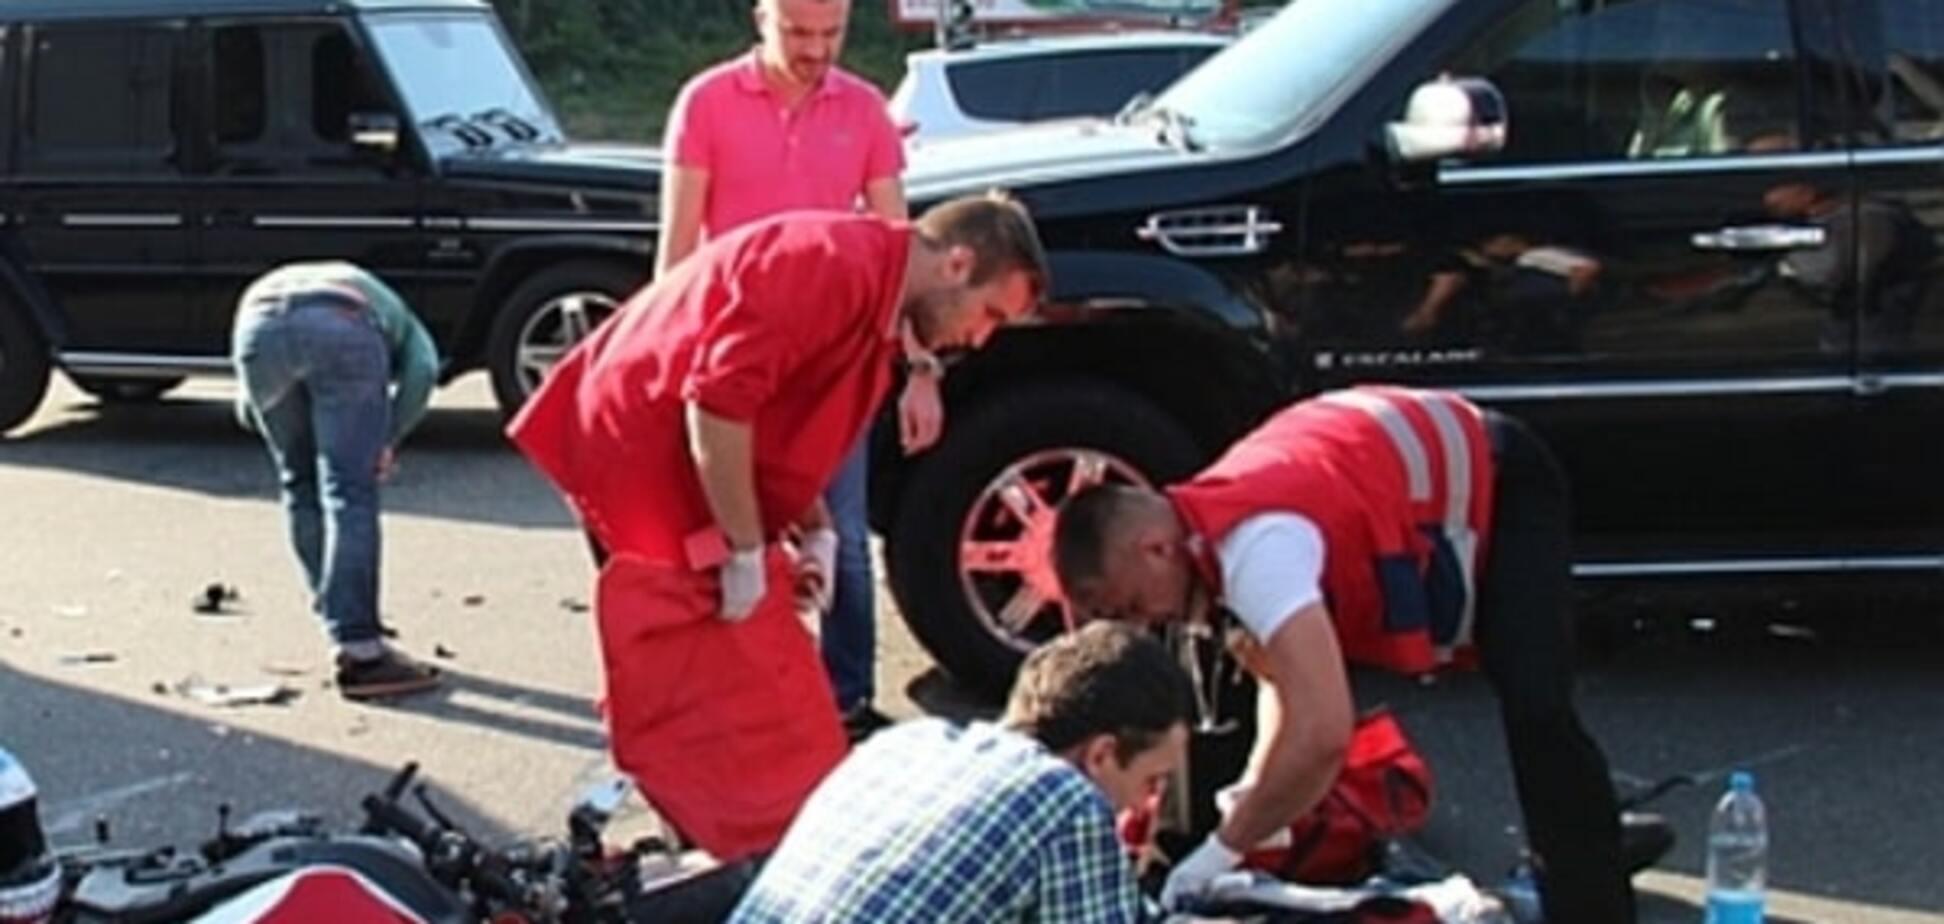 Загибель репера Ларсона: для пошуку винуватиці ДТП наймуть спеців